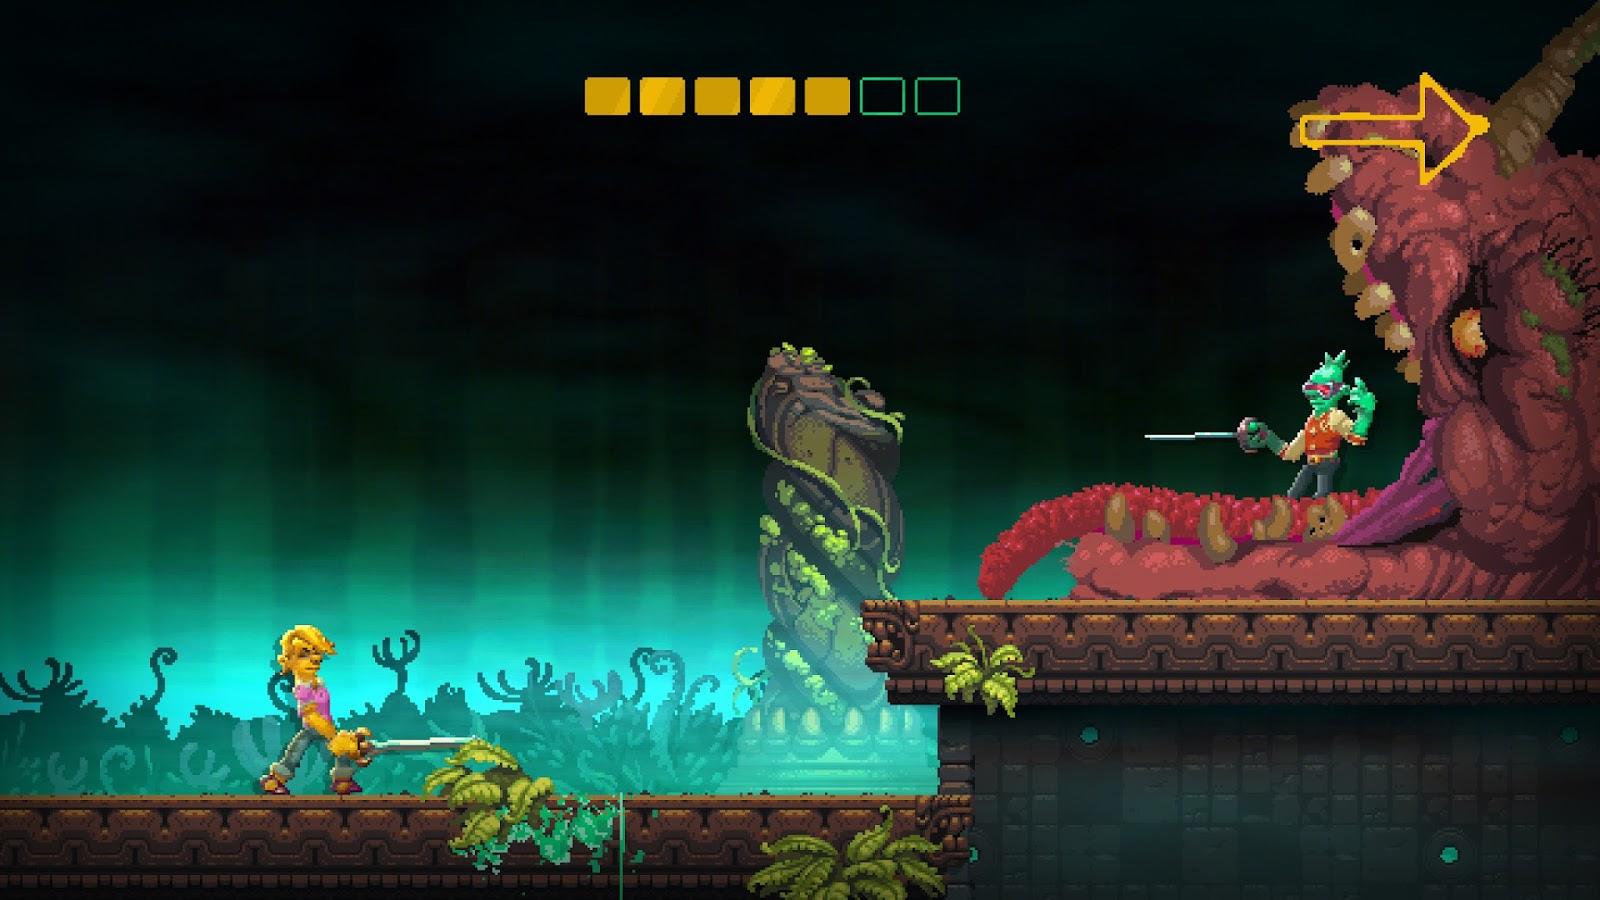 Nidhogg 2, продолжение Nidhogg, игра симулятор фехтования и фехтовальщика, инди, рецензия, обзор, Review, Indie Game